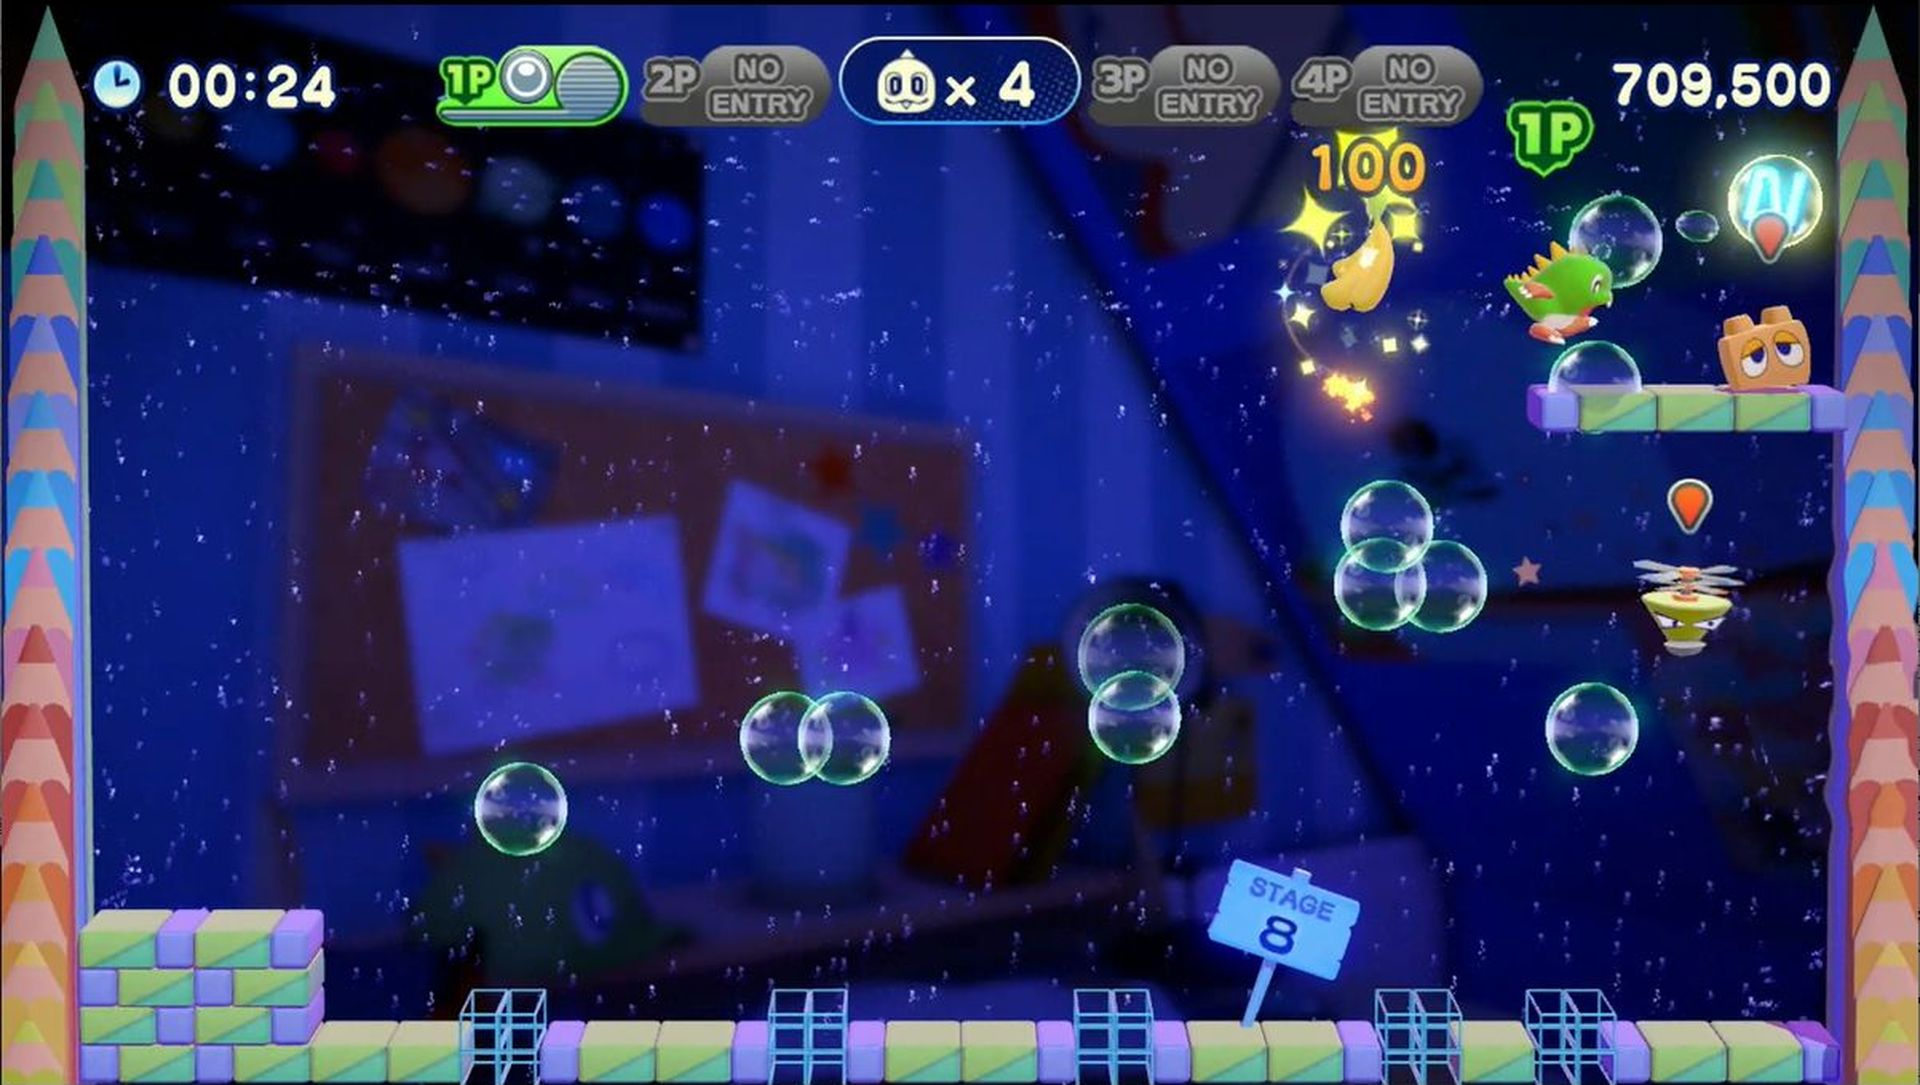 空中に浮いた泡に乗ることで、通常のジャンプでは届かない所にも移動できる